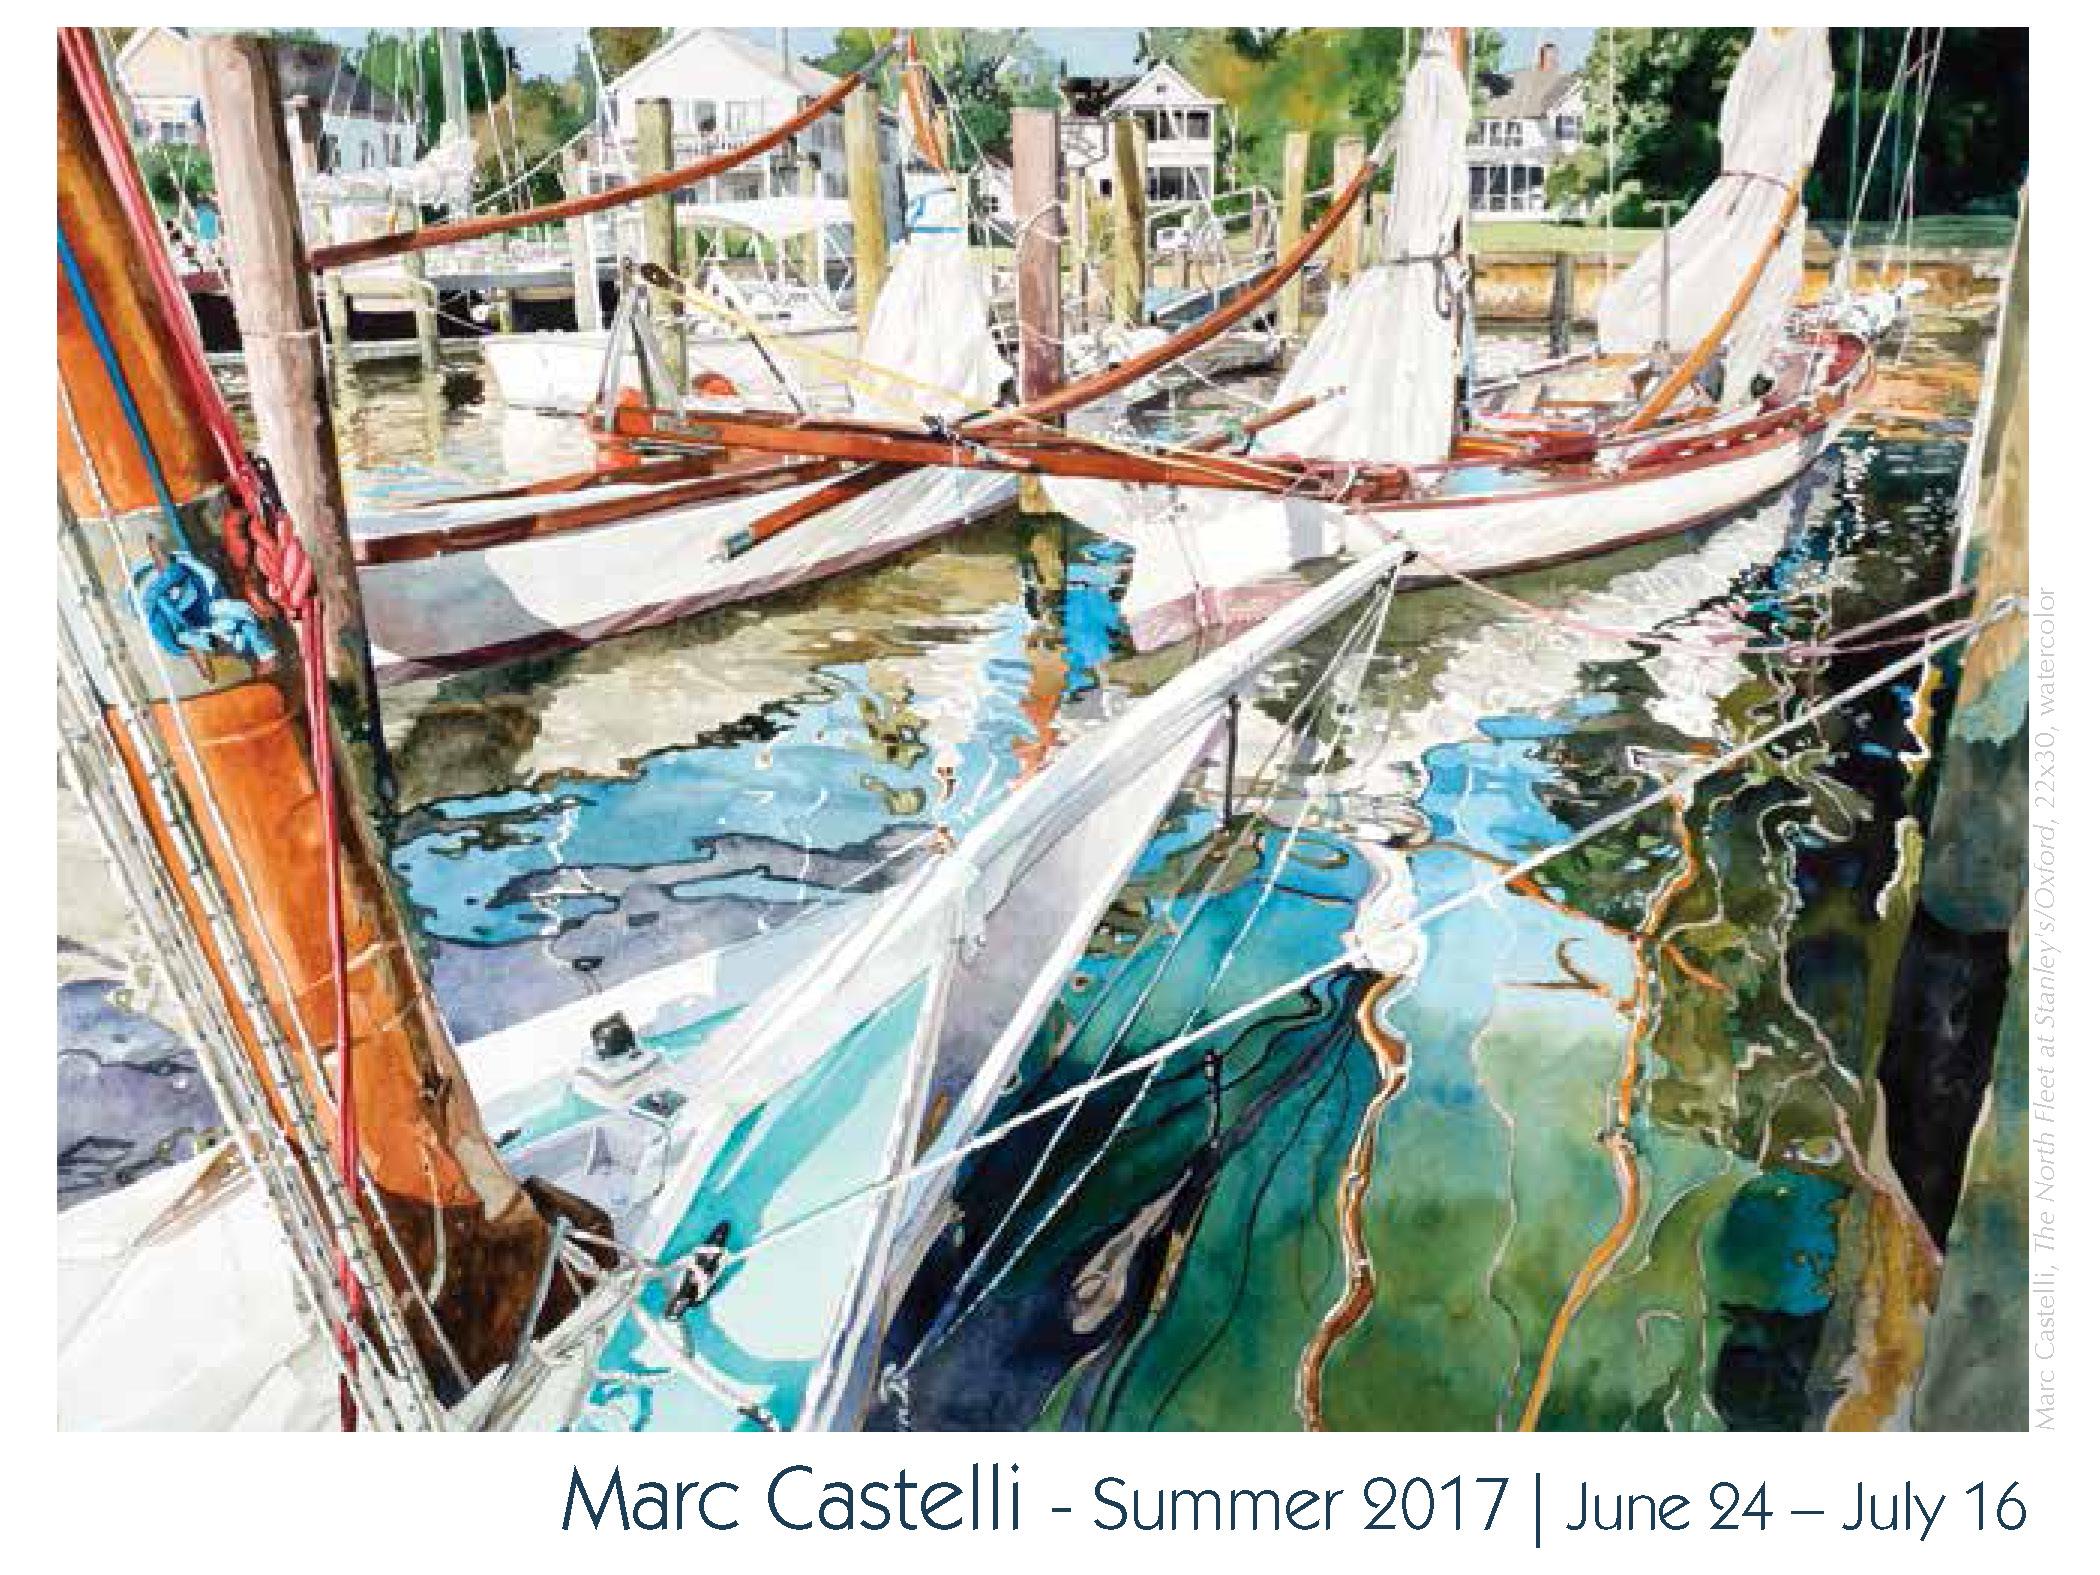 Marc Castelli - Summer 2017 also featuring recent work by Ken Castelli